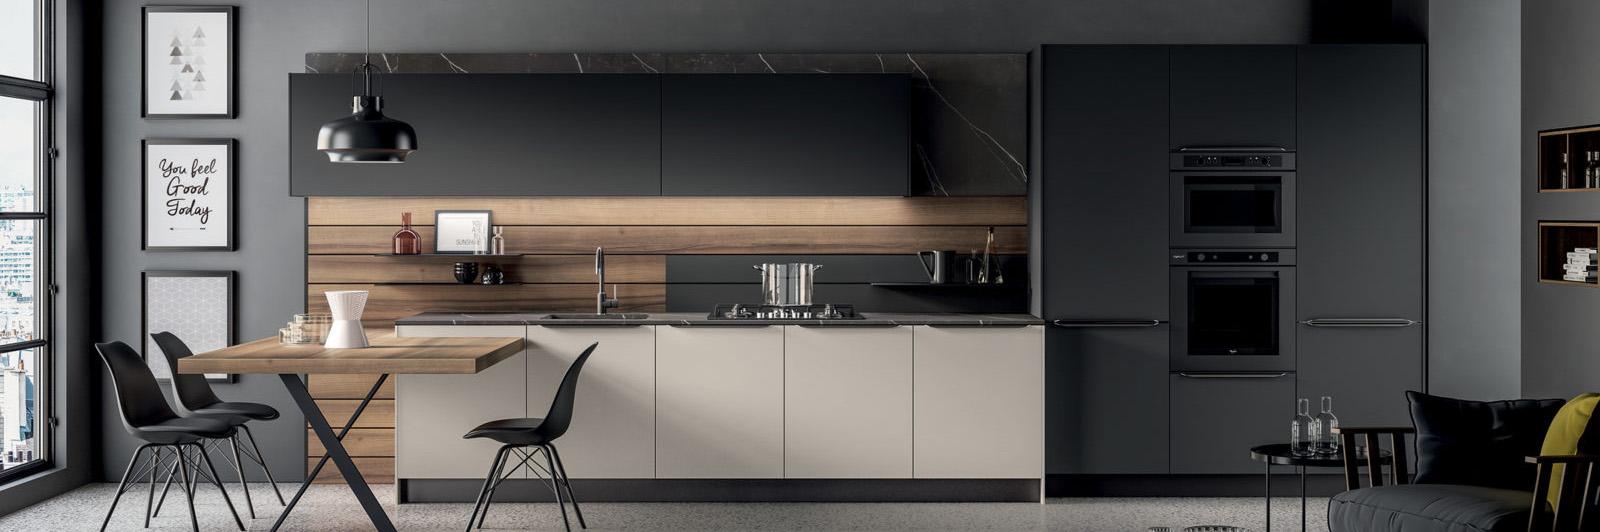 Arredamento Moderno Mobili Cucina E Soggiorno Arredo3 Kali 1600x770 Arredamento Design